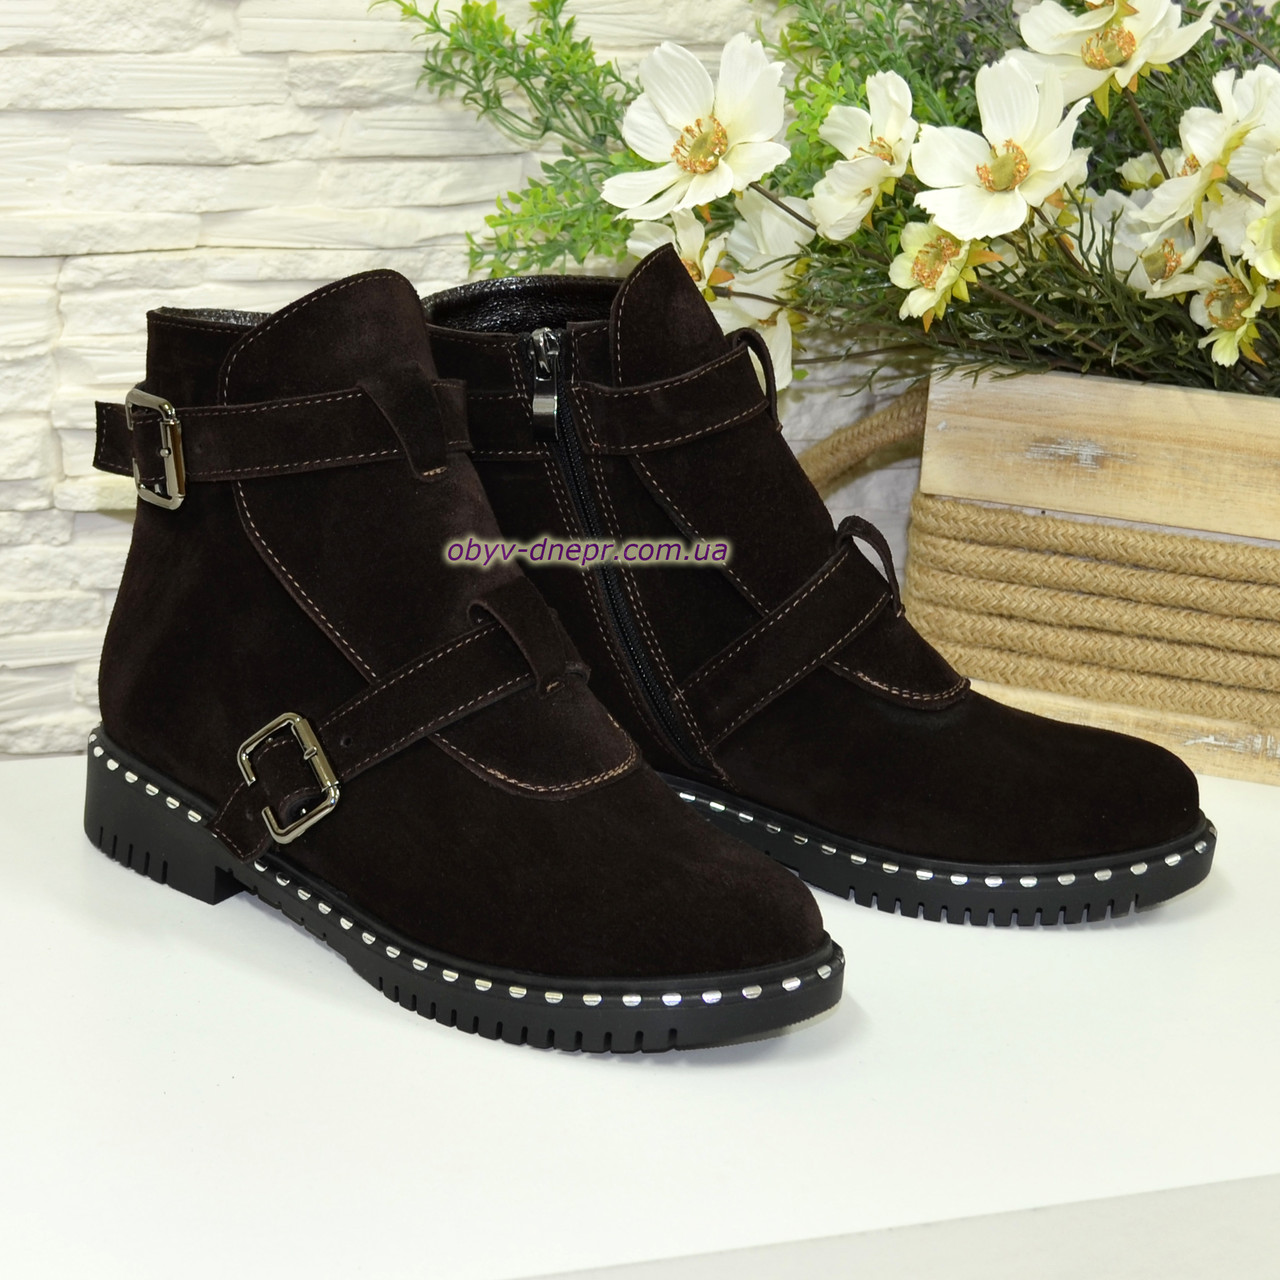 Черевики замшеві чоботи на низькому ходу, декоровані ремінцями. Колір коричневий